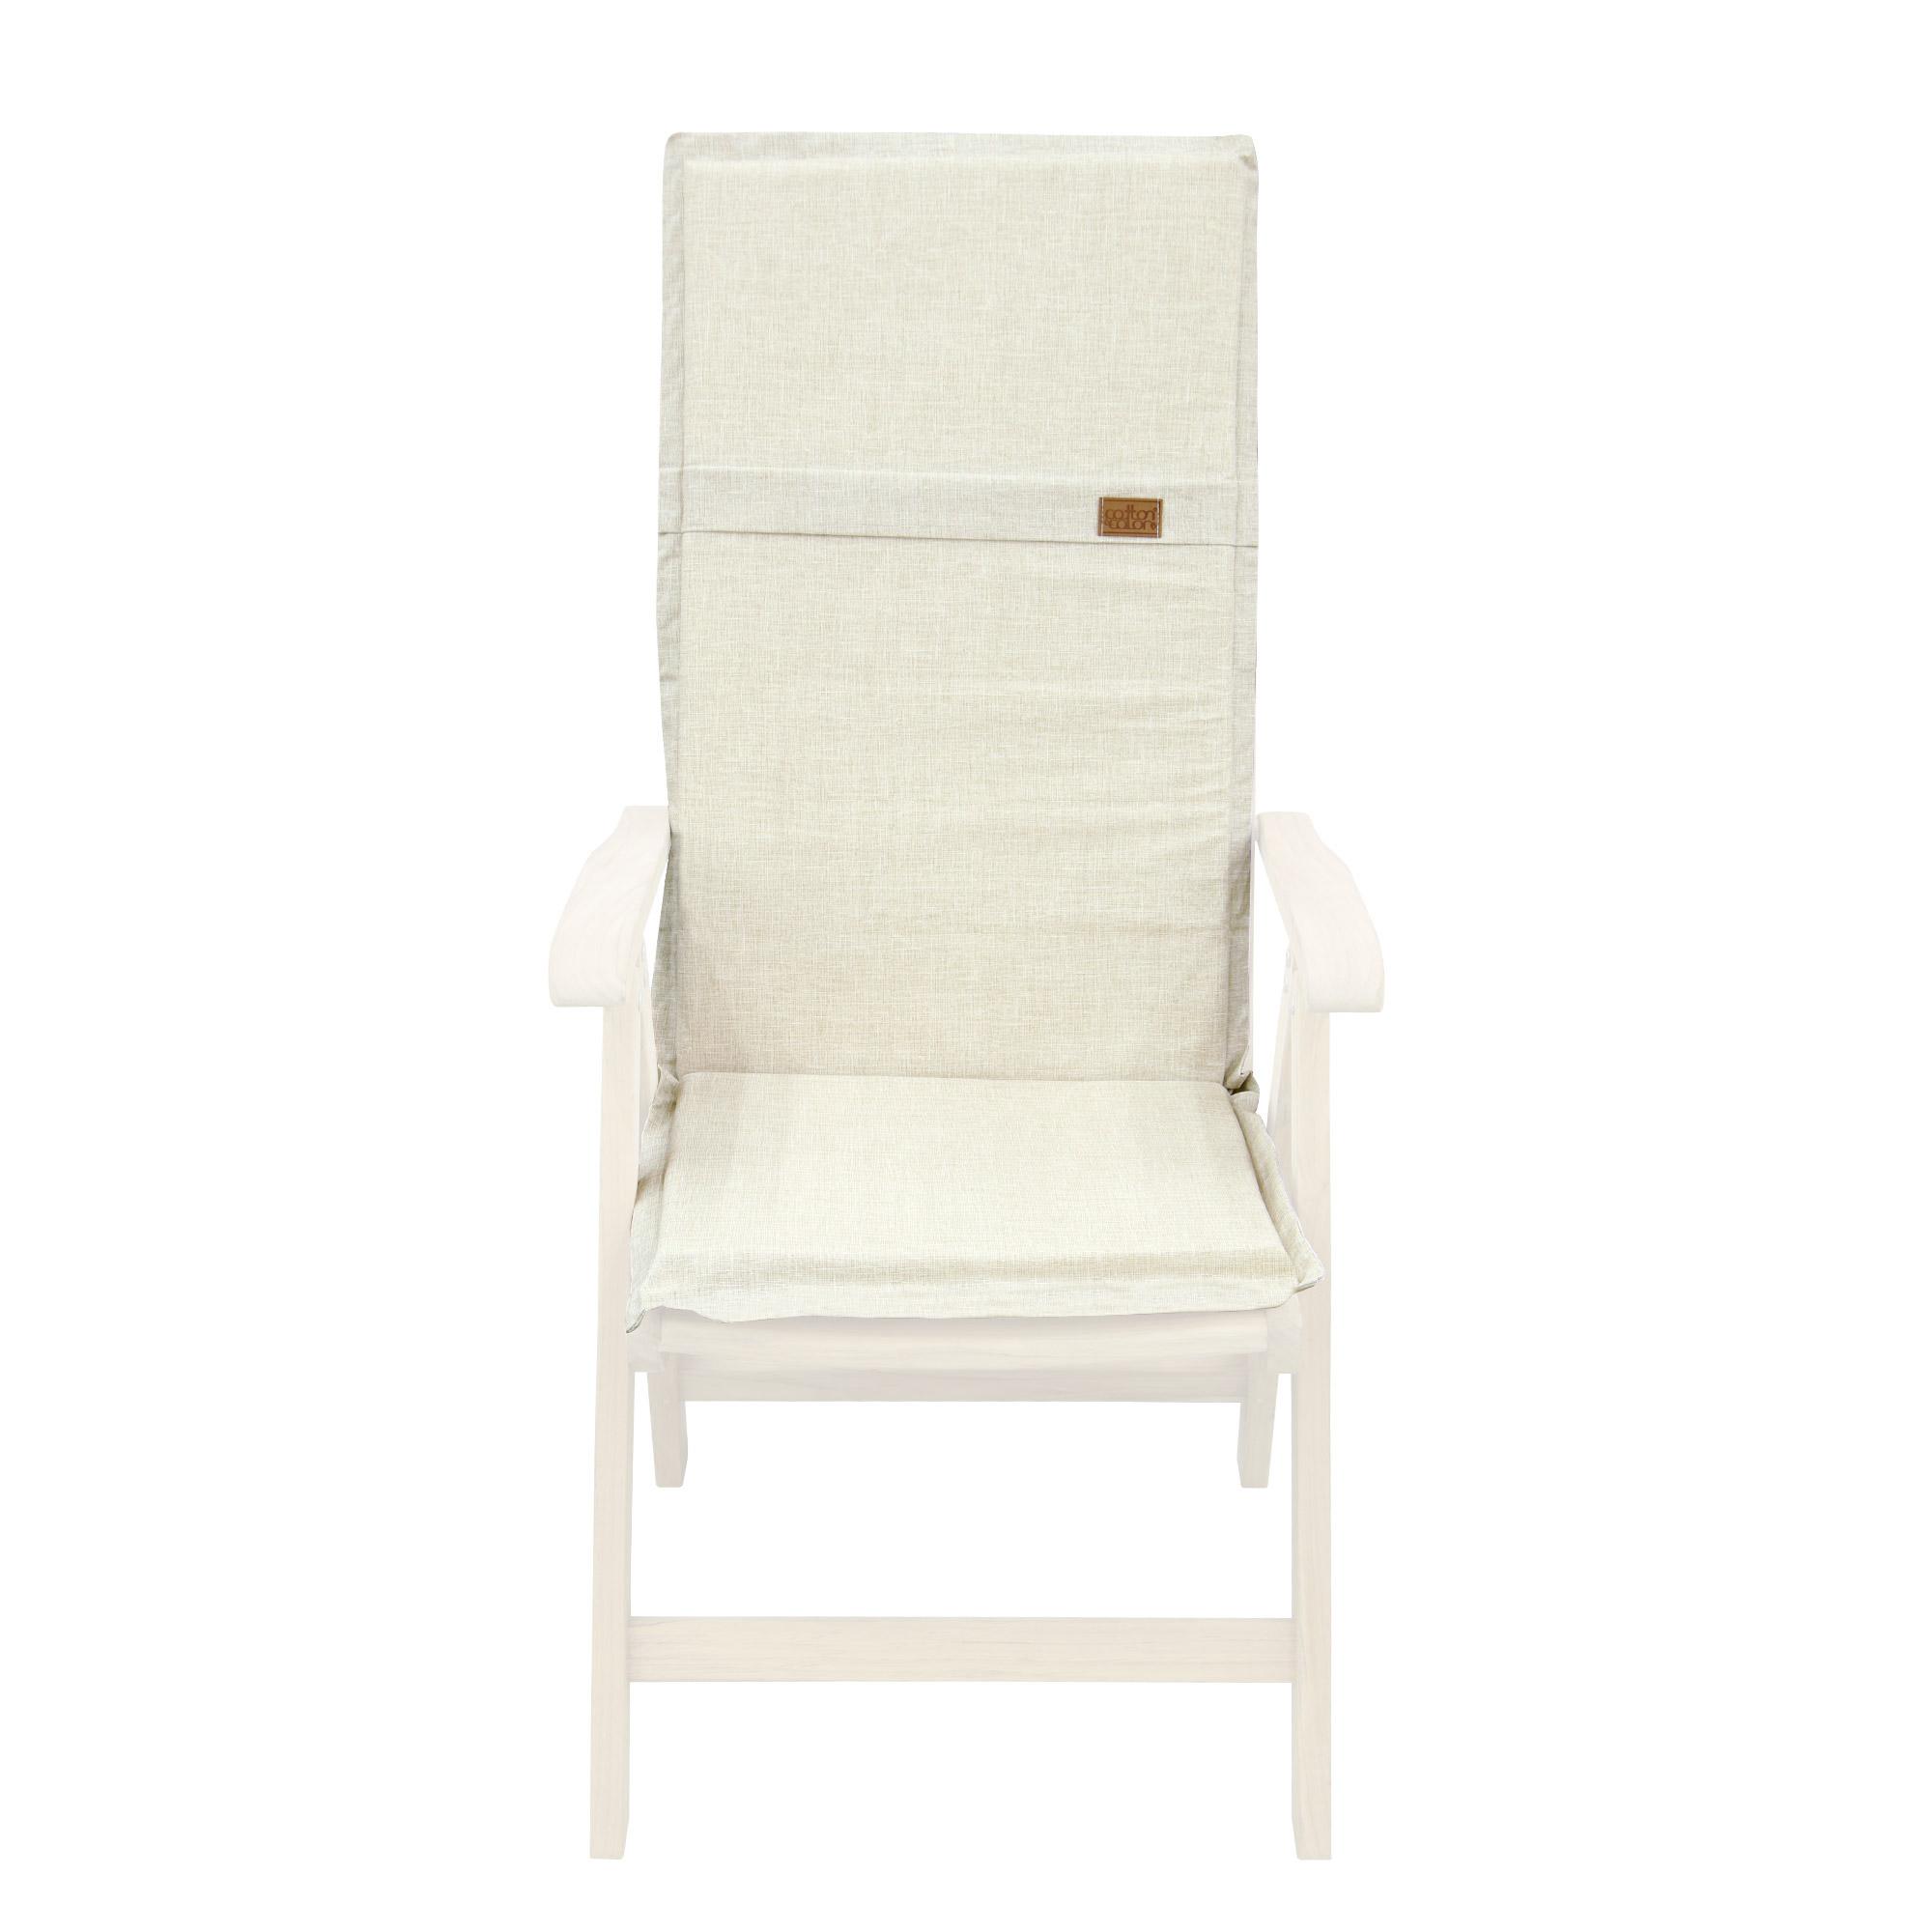 Подушка для кресла Morbiflex высокая спинка 125x52 кресла